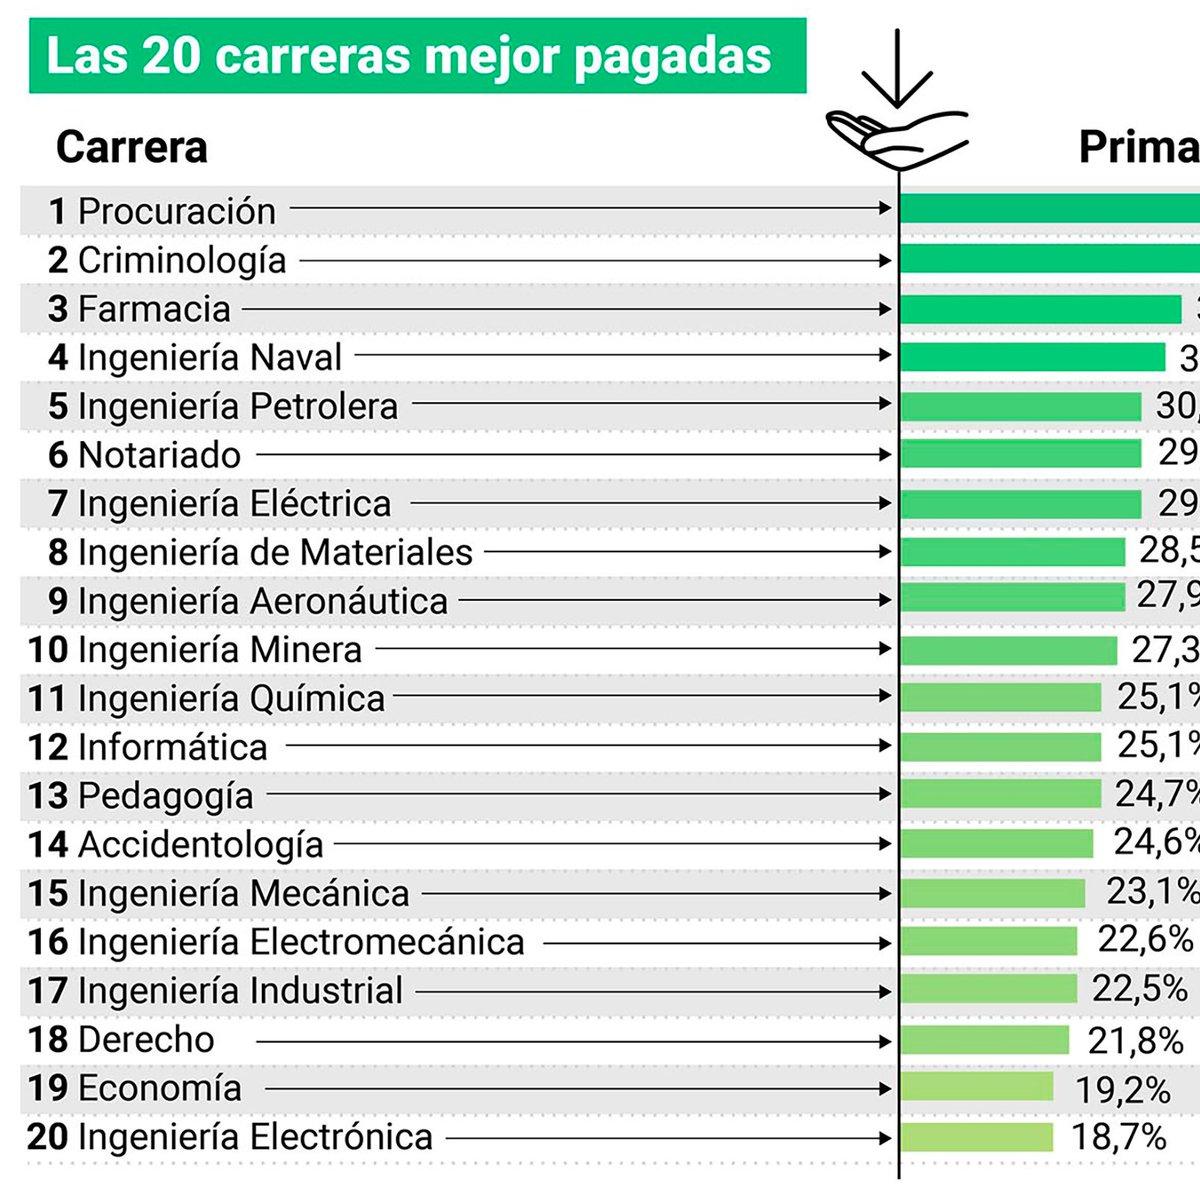 Derecho en Zapatillas @dzapatillas: El medio Infobae publicó ranking de las carreras mejor y peor pagas:  #EstudiandoEnZapatillas https://t.co/L4uHooEHbi